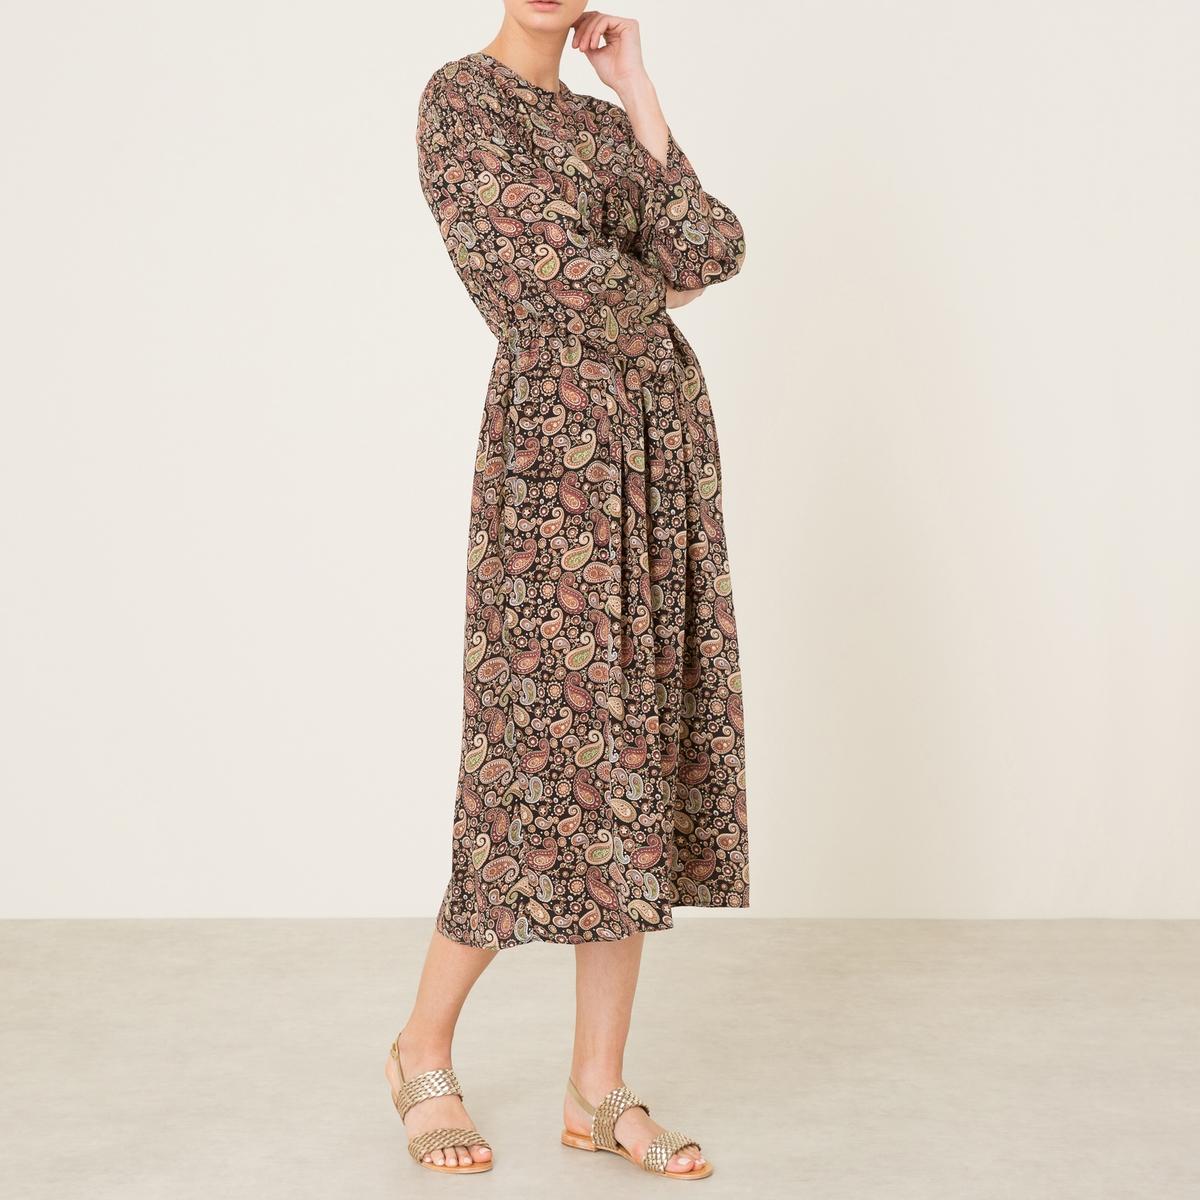 Платье длинное с рисункомСостав и описание   Материал : 100% шелкМарка : LAURENCE BRAS<br><br>Цвет: рисунок пейсли